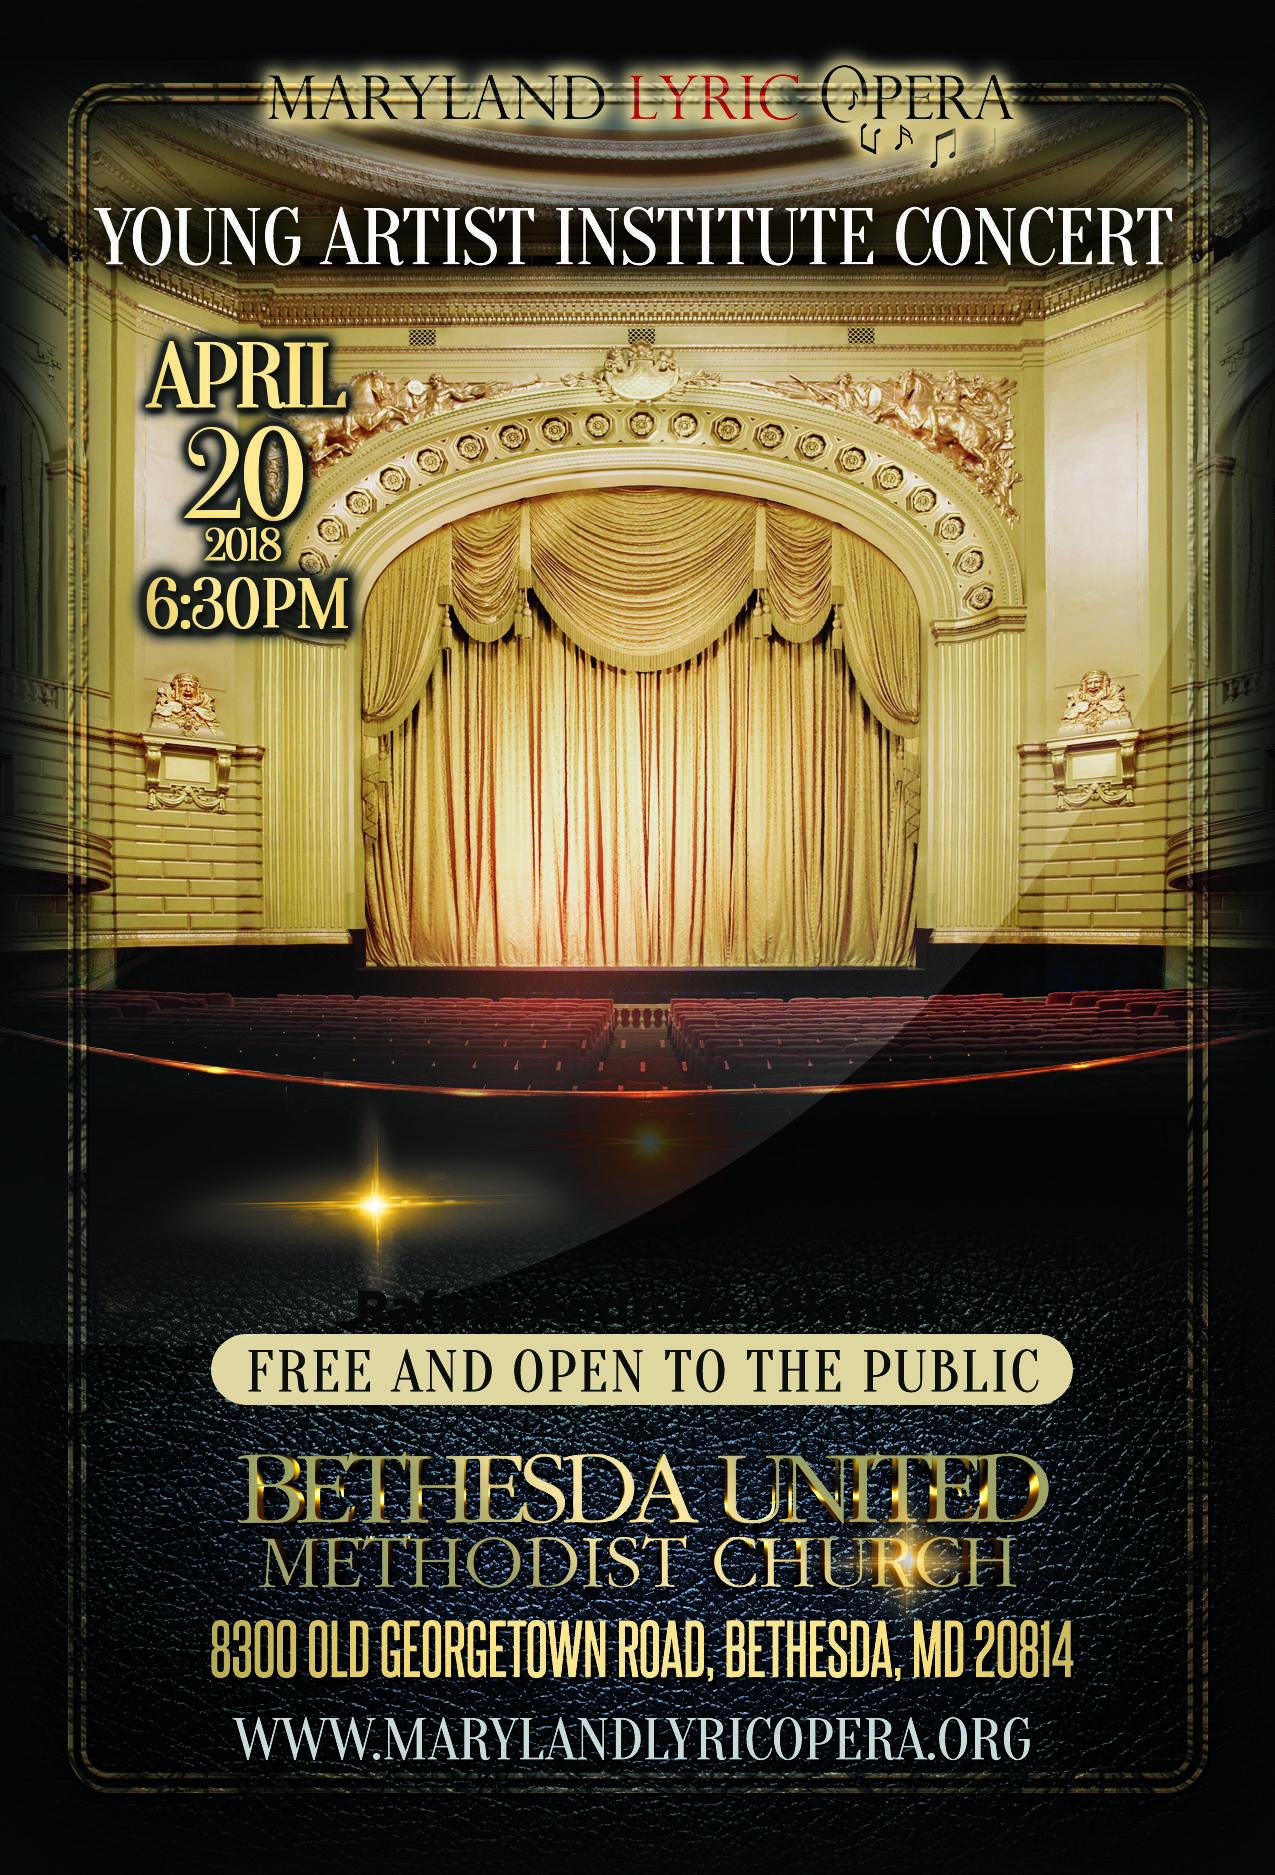 Poster image courtesy of Maryland Lyric Opera.